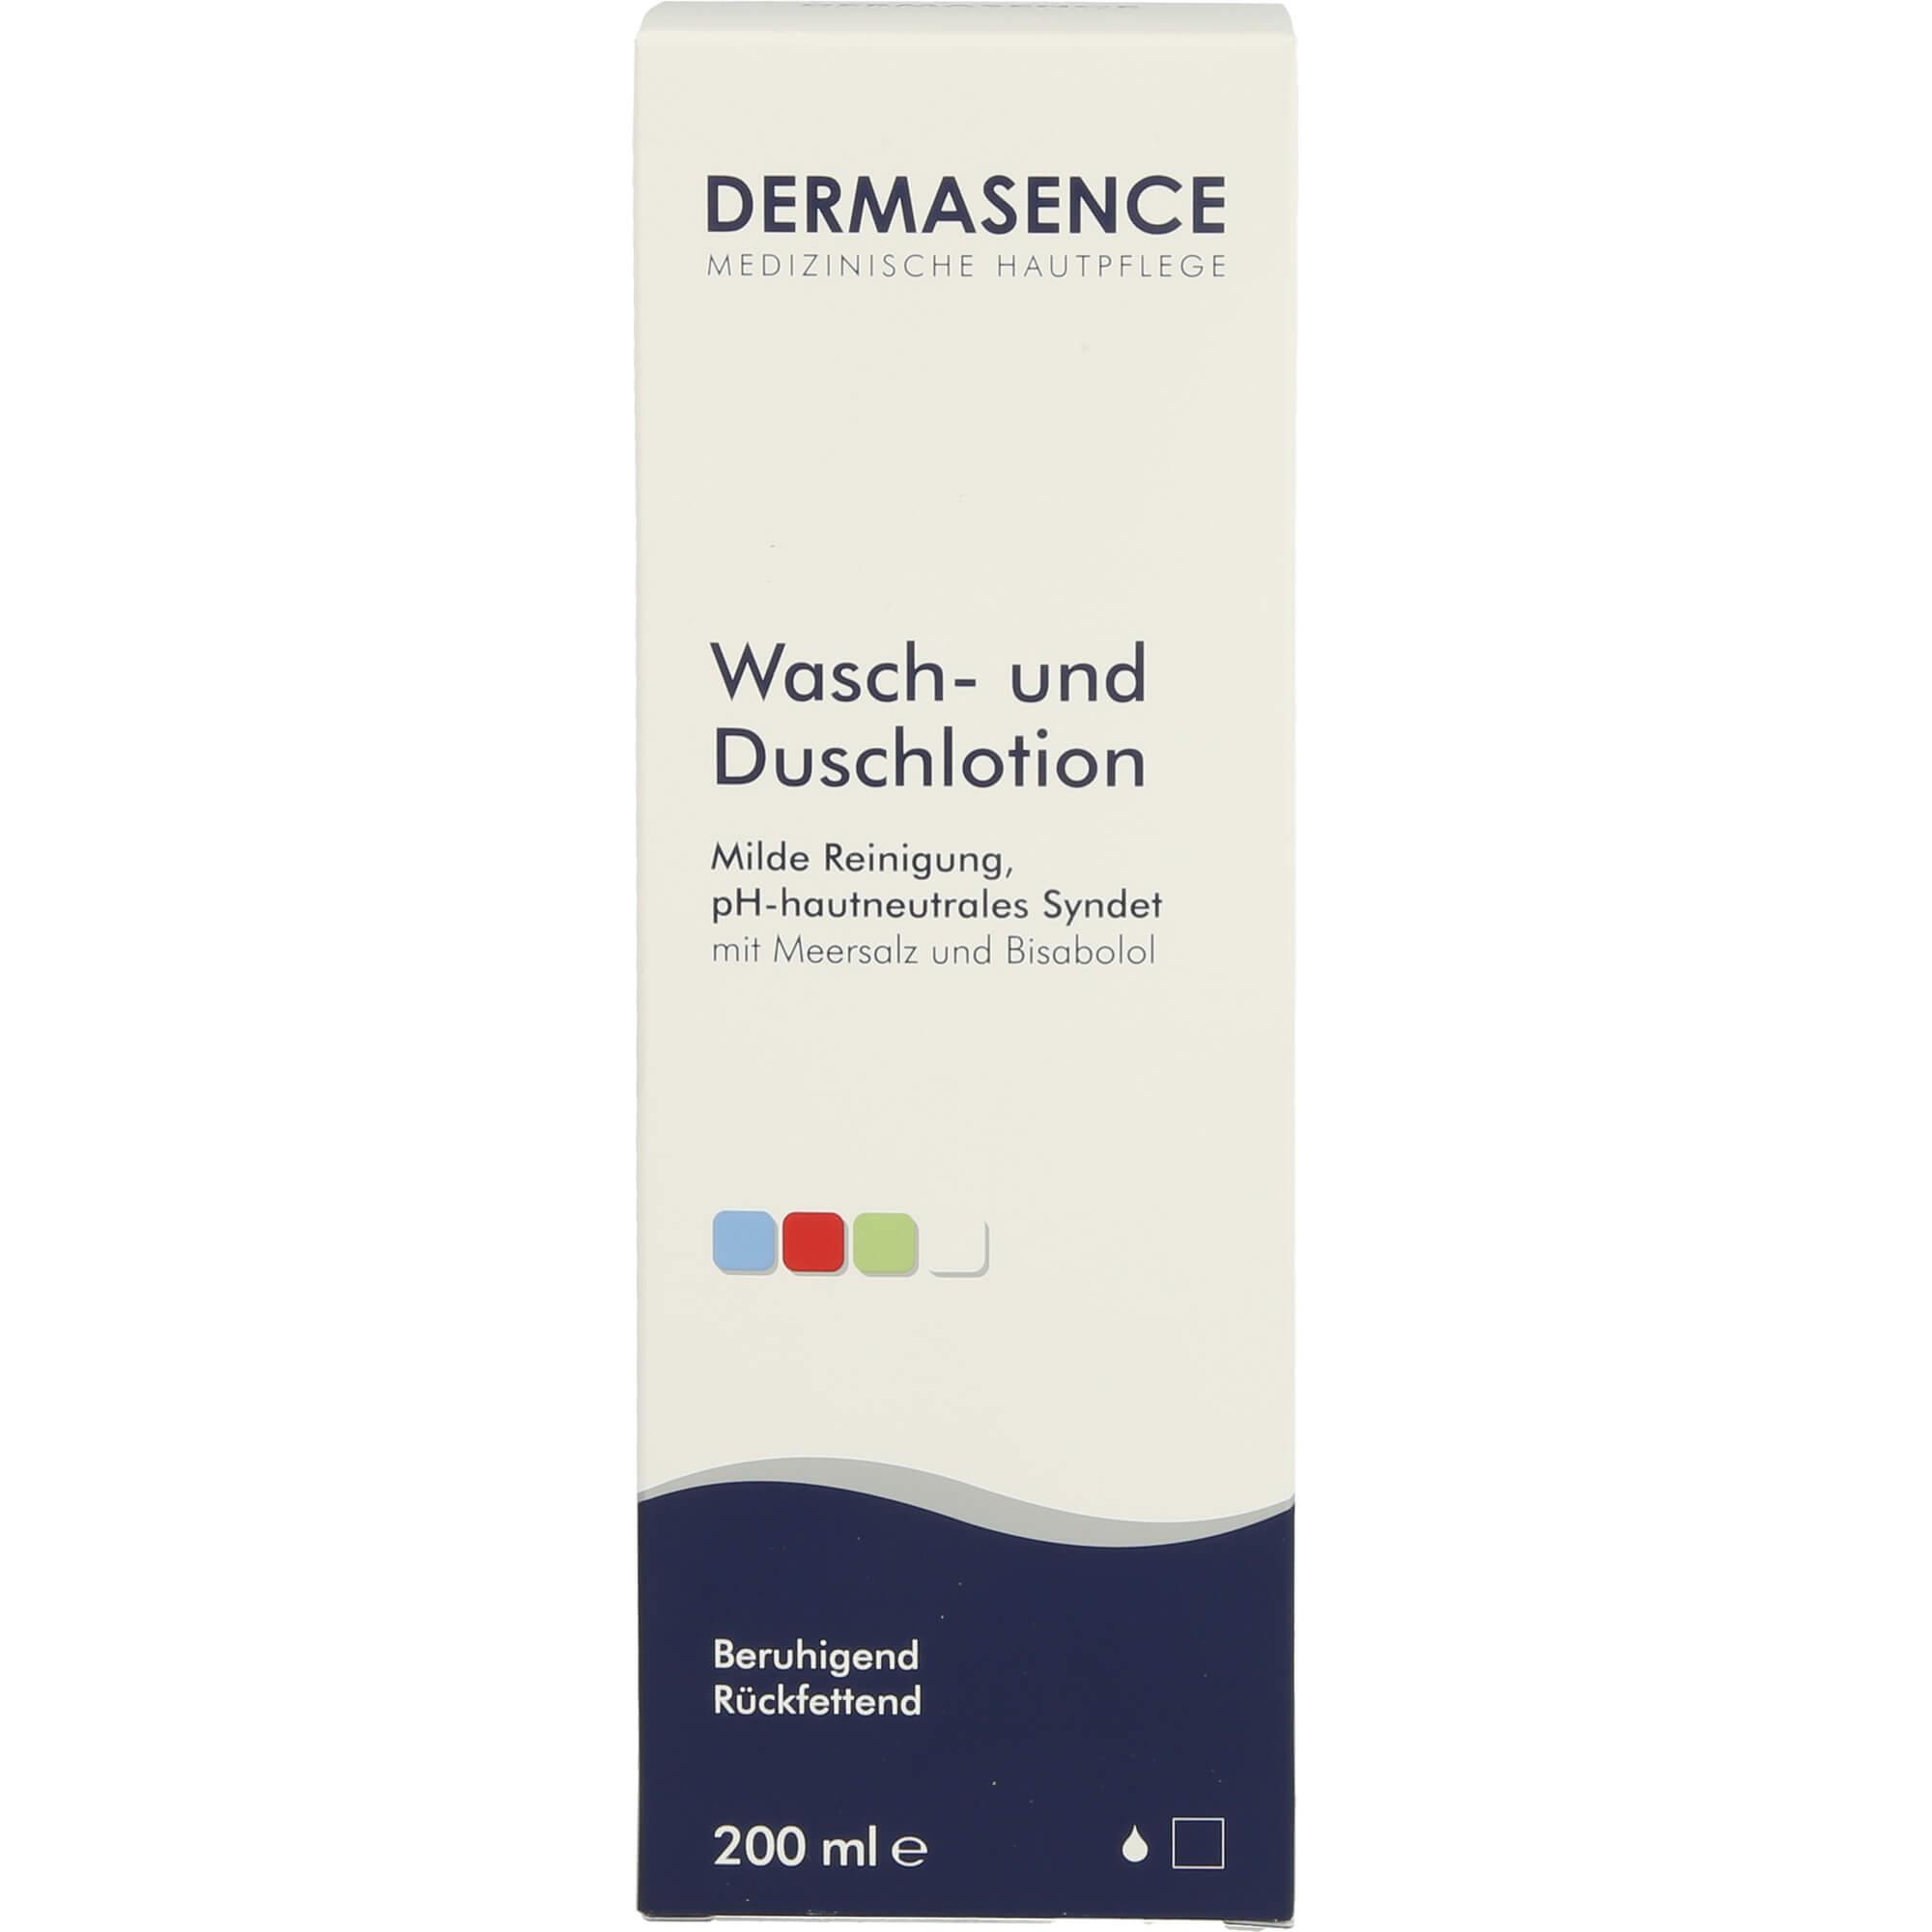 DERMASENCE-Wasch-und-Duschlotion